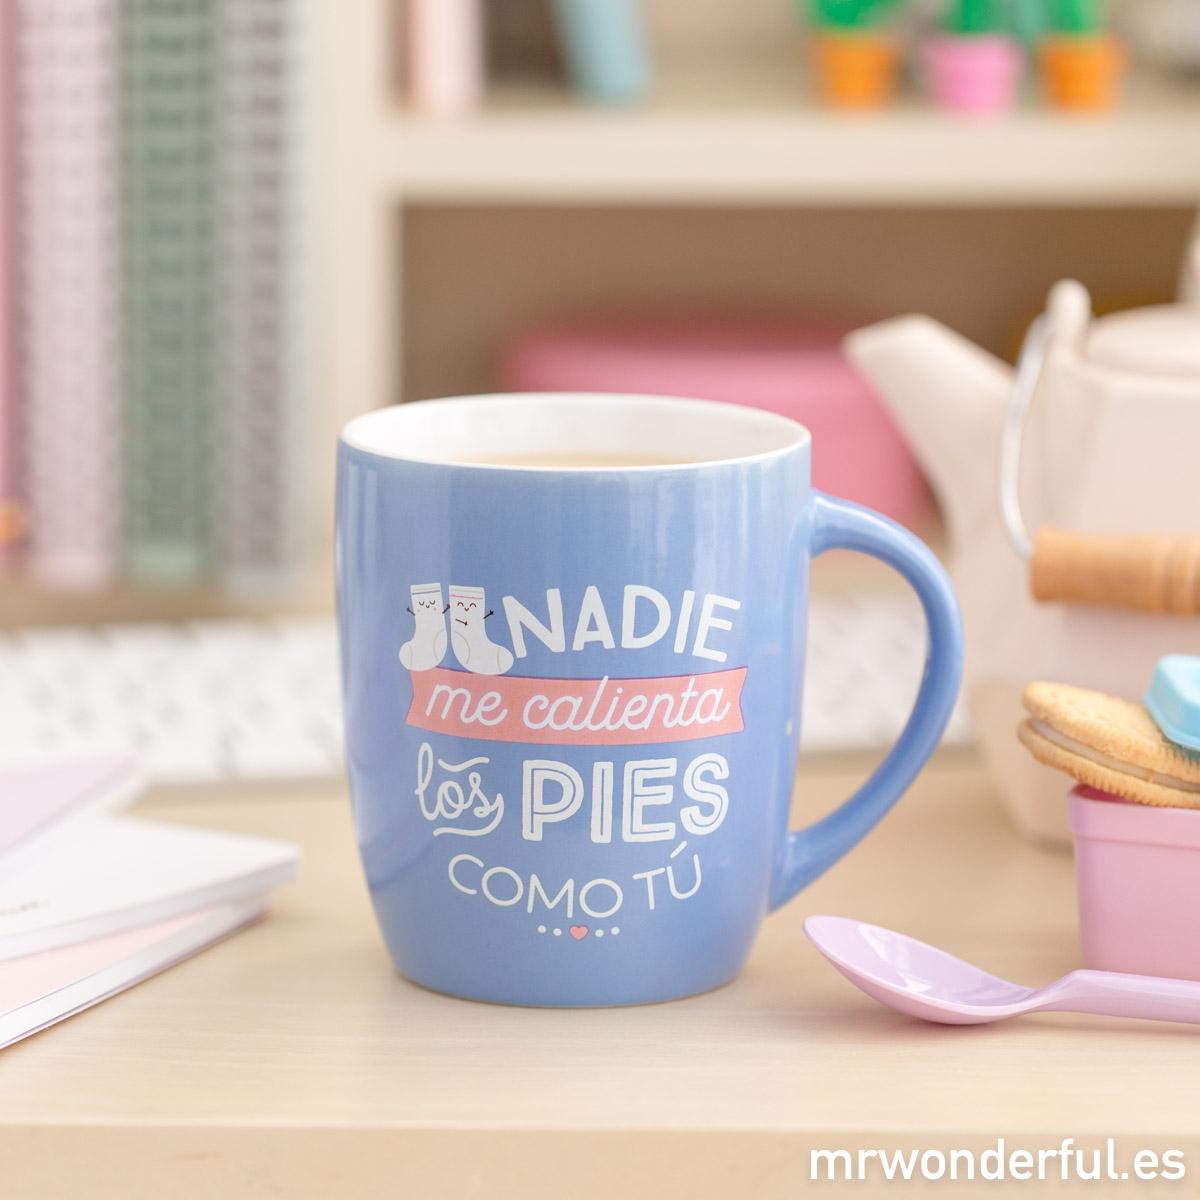 mrwonderful_8435460709293_WOA03780ES_Nadie-me-calienta-los-pies-como-tu-ES-1